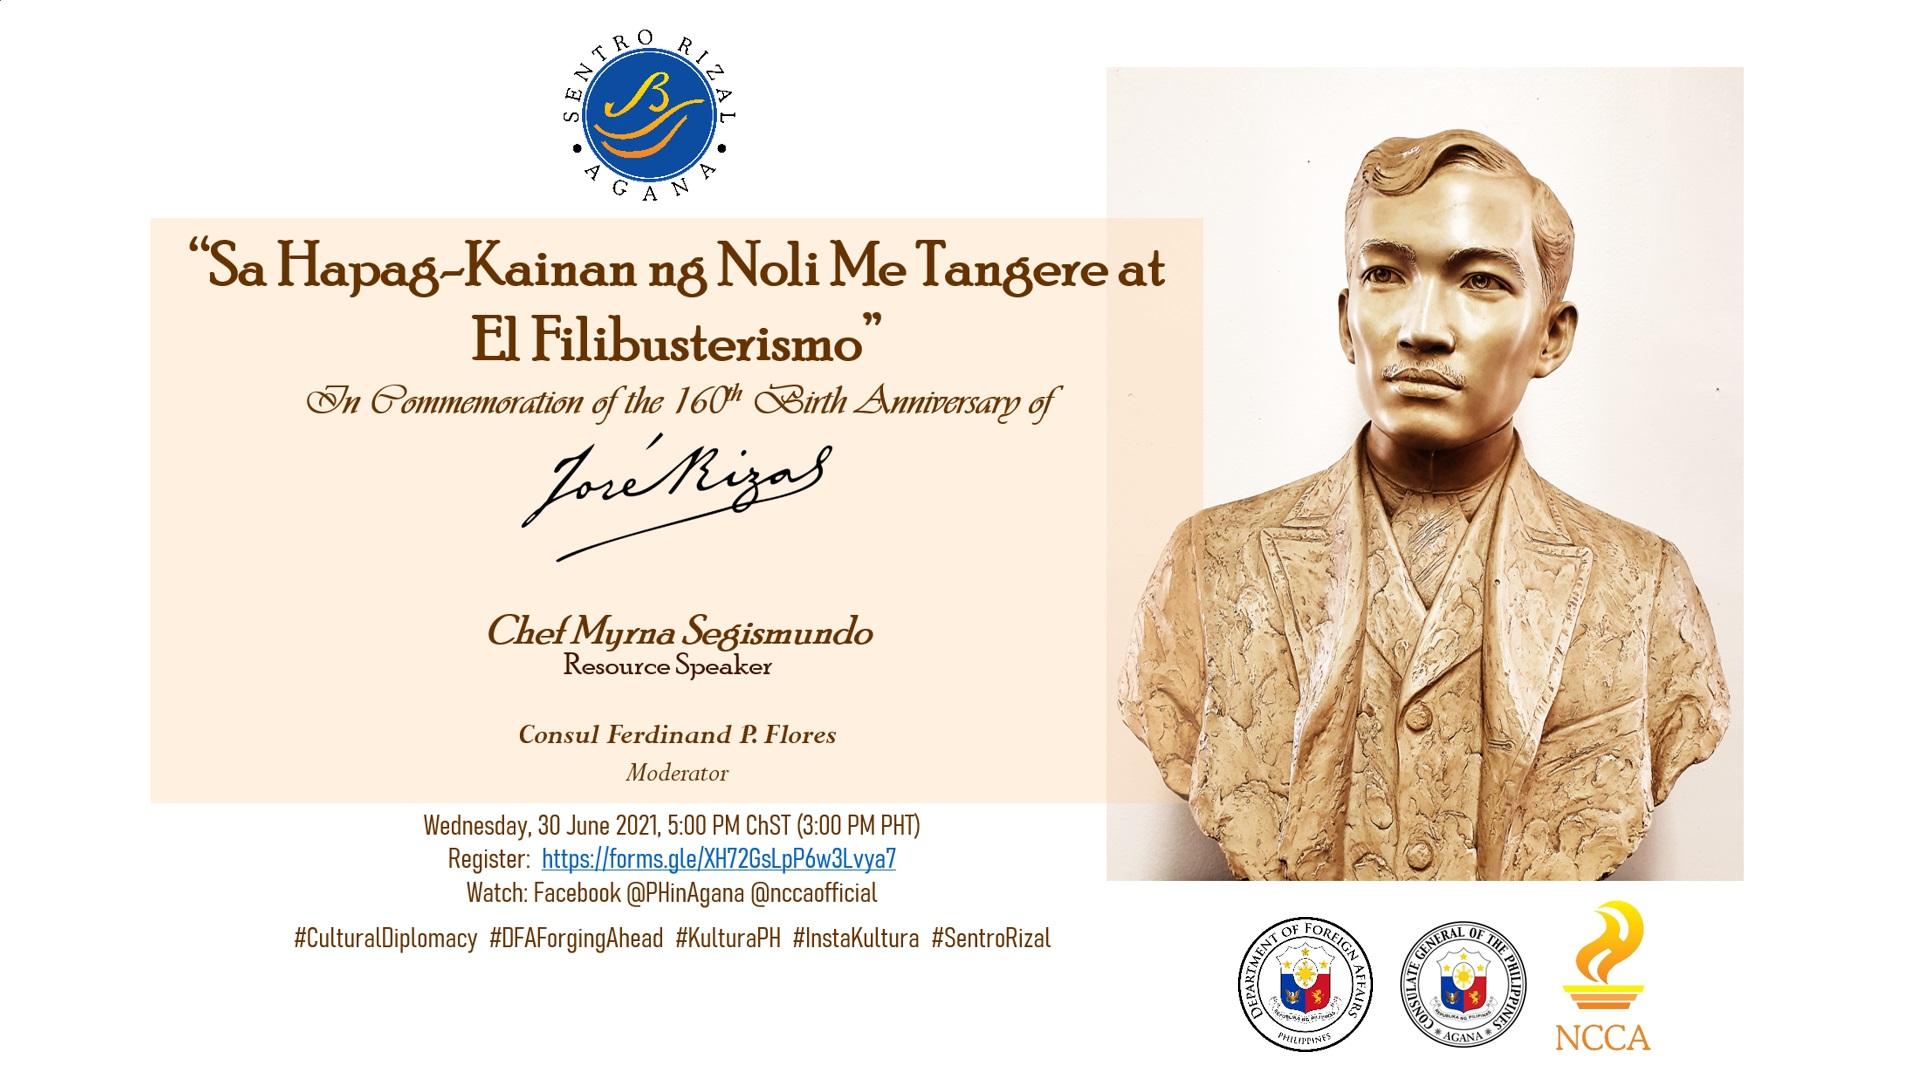 Save the Date: Sa Hapag-Kainan ng Noli Me Tangere at El Filibusterismo ni Dr. Jose P. Rizal, 30 June 2021